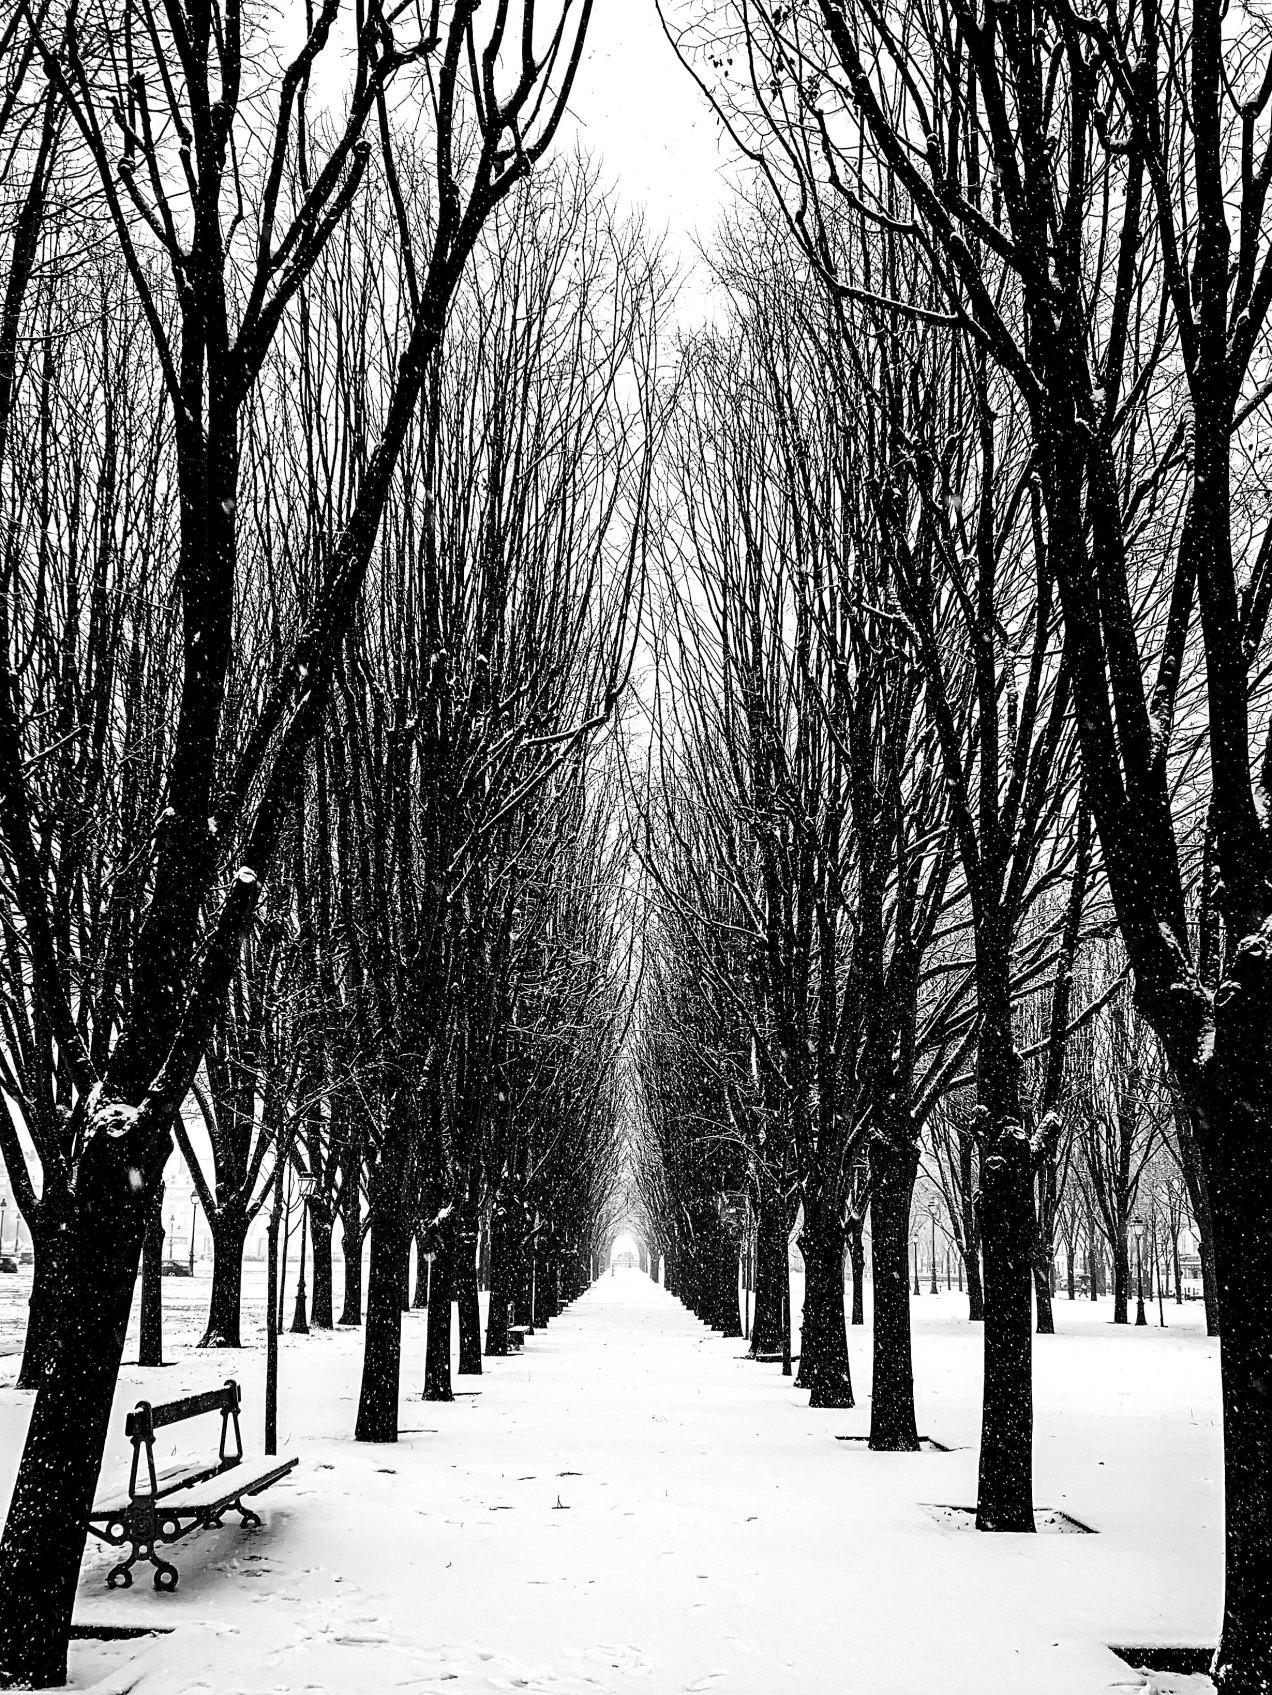 Paris sous la neige, gildalliere, 2019